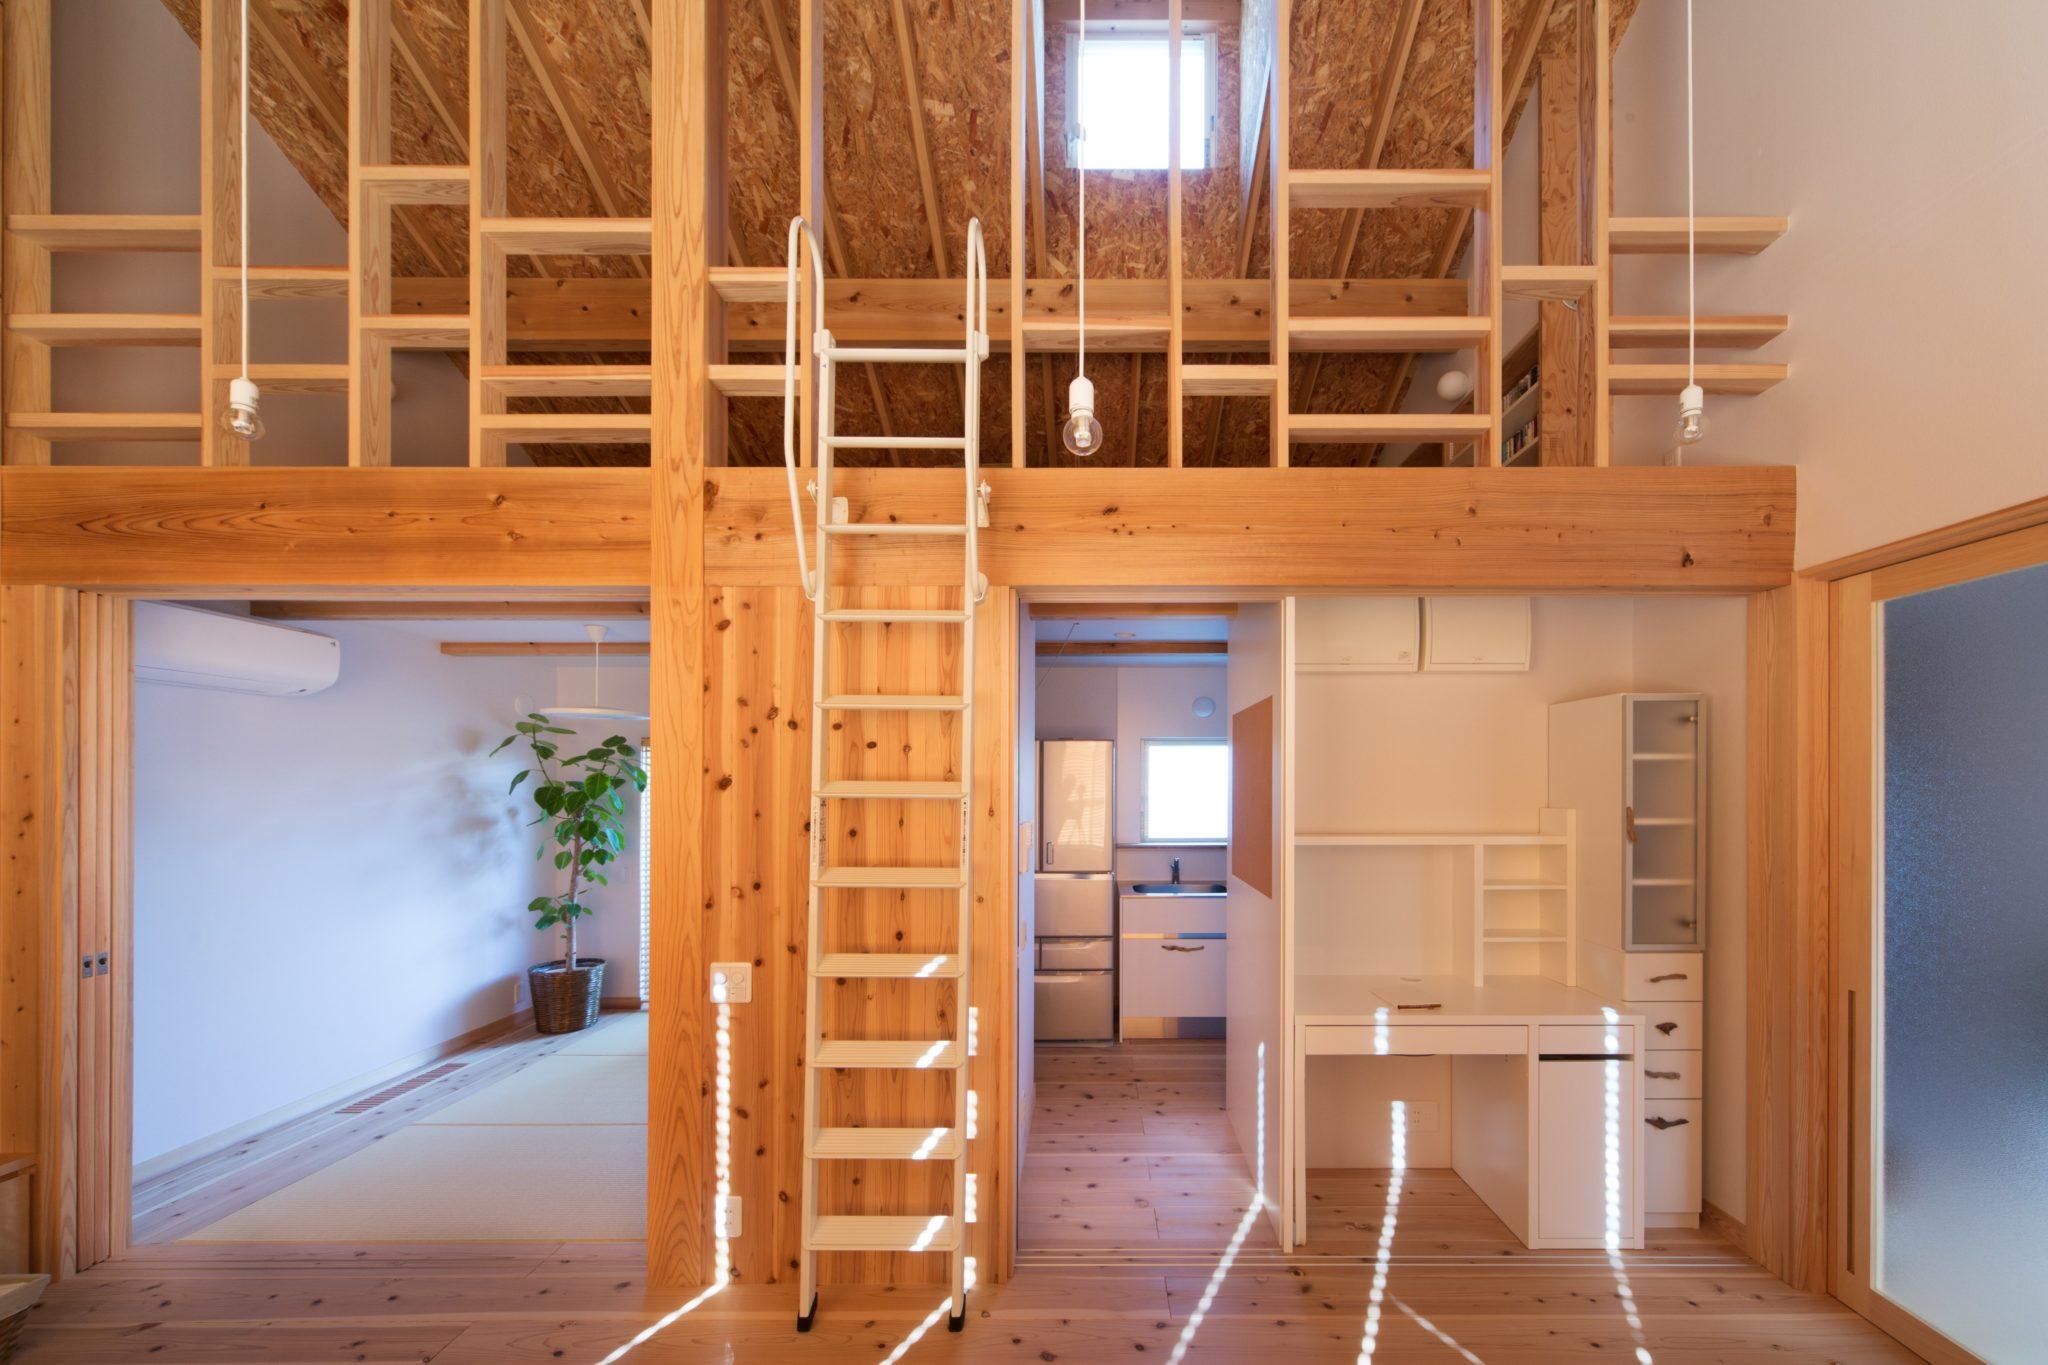 建具を開け放つと家事デスクも現れて一室空間に